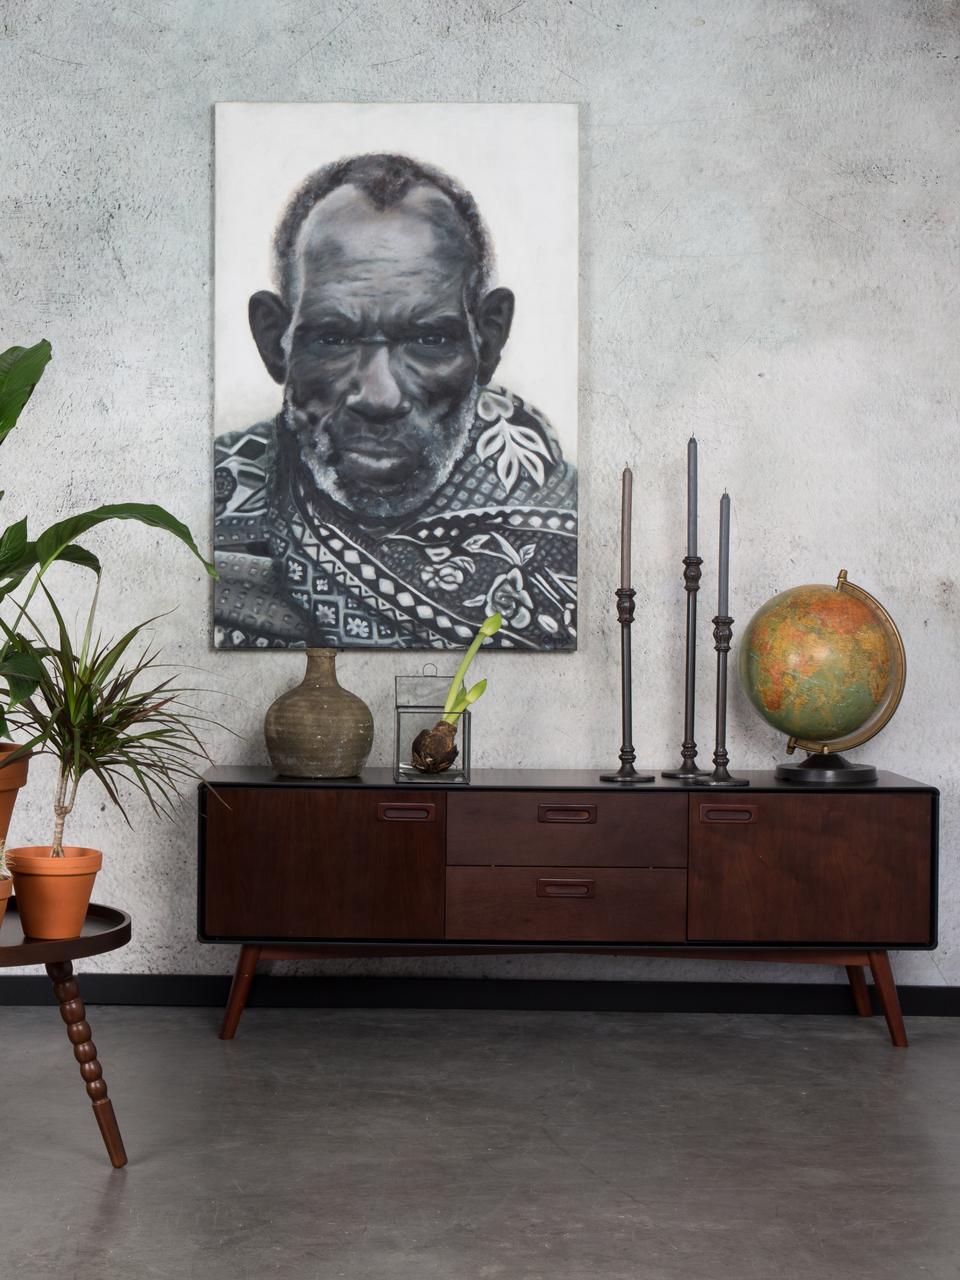 Retro Lowboard Juju mit Walnussfurnier und Schubladen, Füße: Eschenholz, massiv, gebei, Braun, Schwarz, 150 x 53 cm